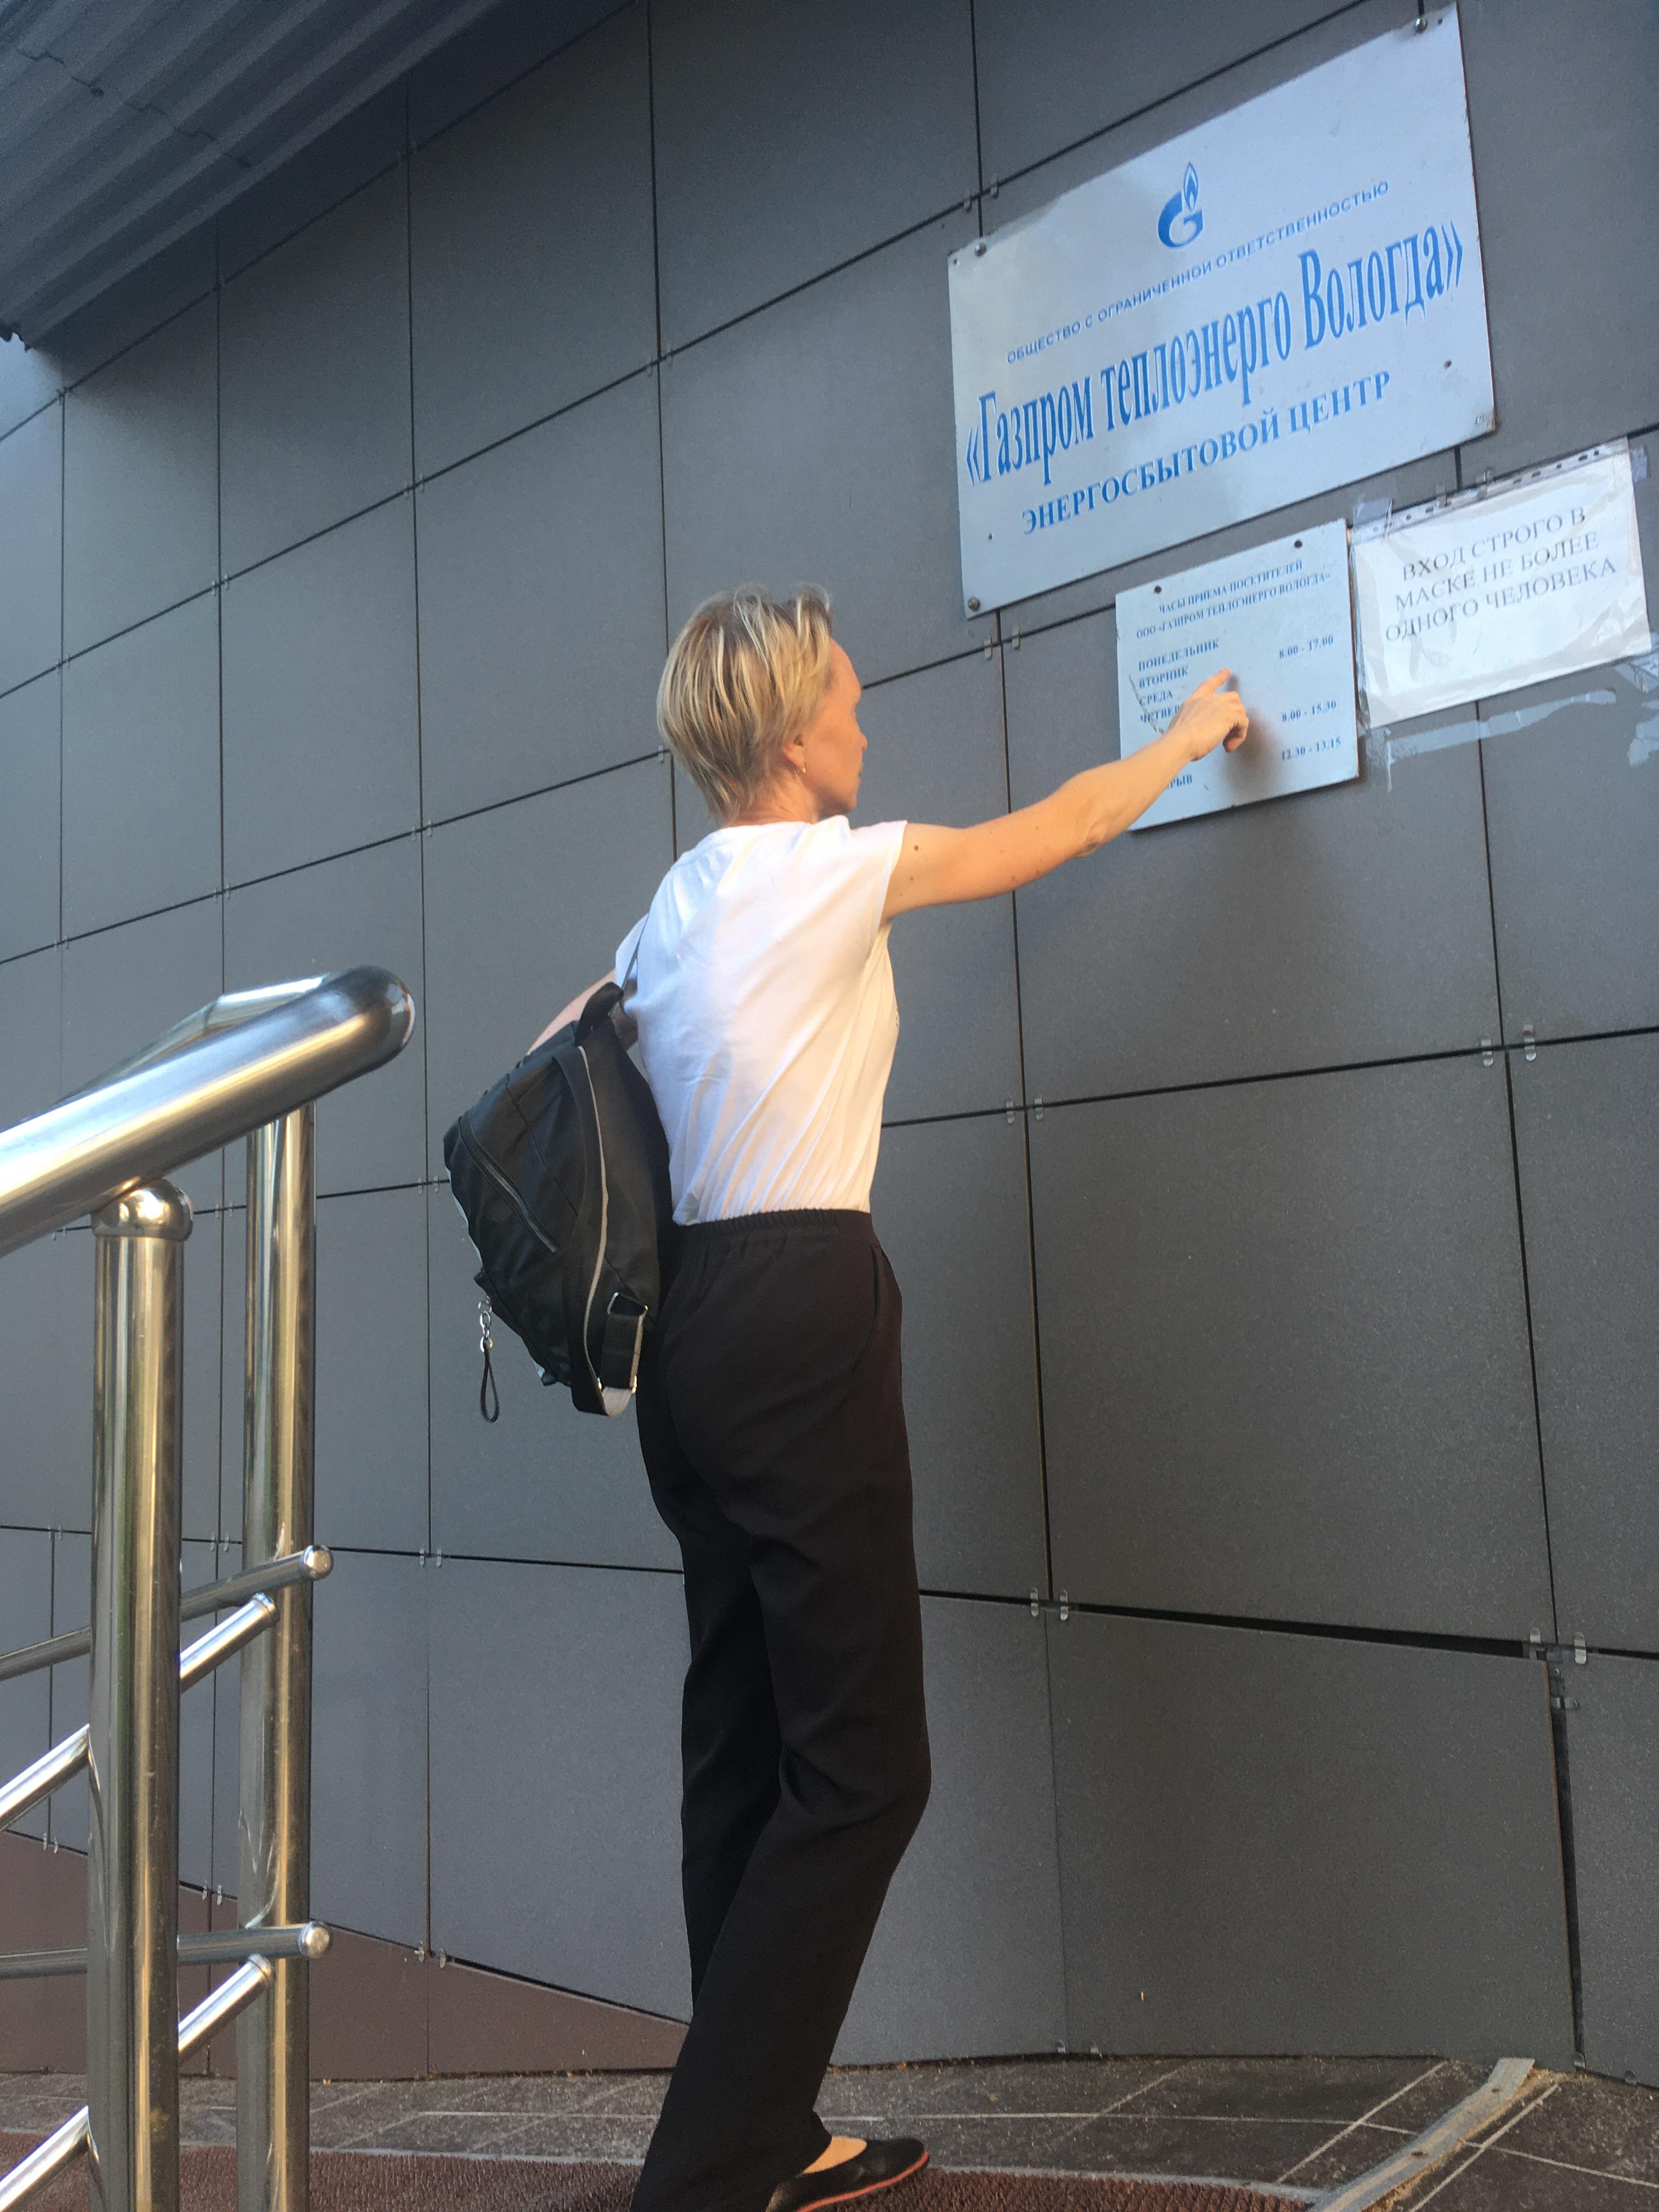 25 июня Нина Ановская, собравшись с духом, направилась в офис «Газпрома теплоэнерго Вологда»